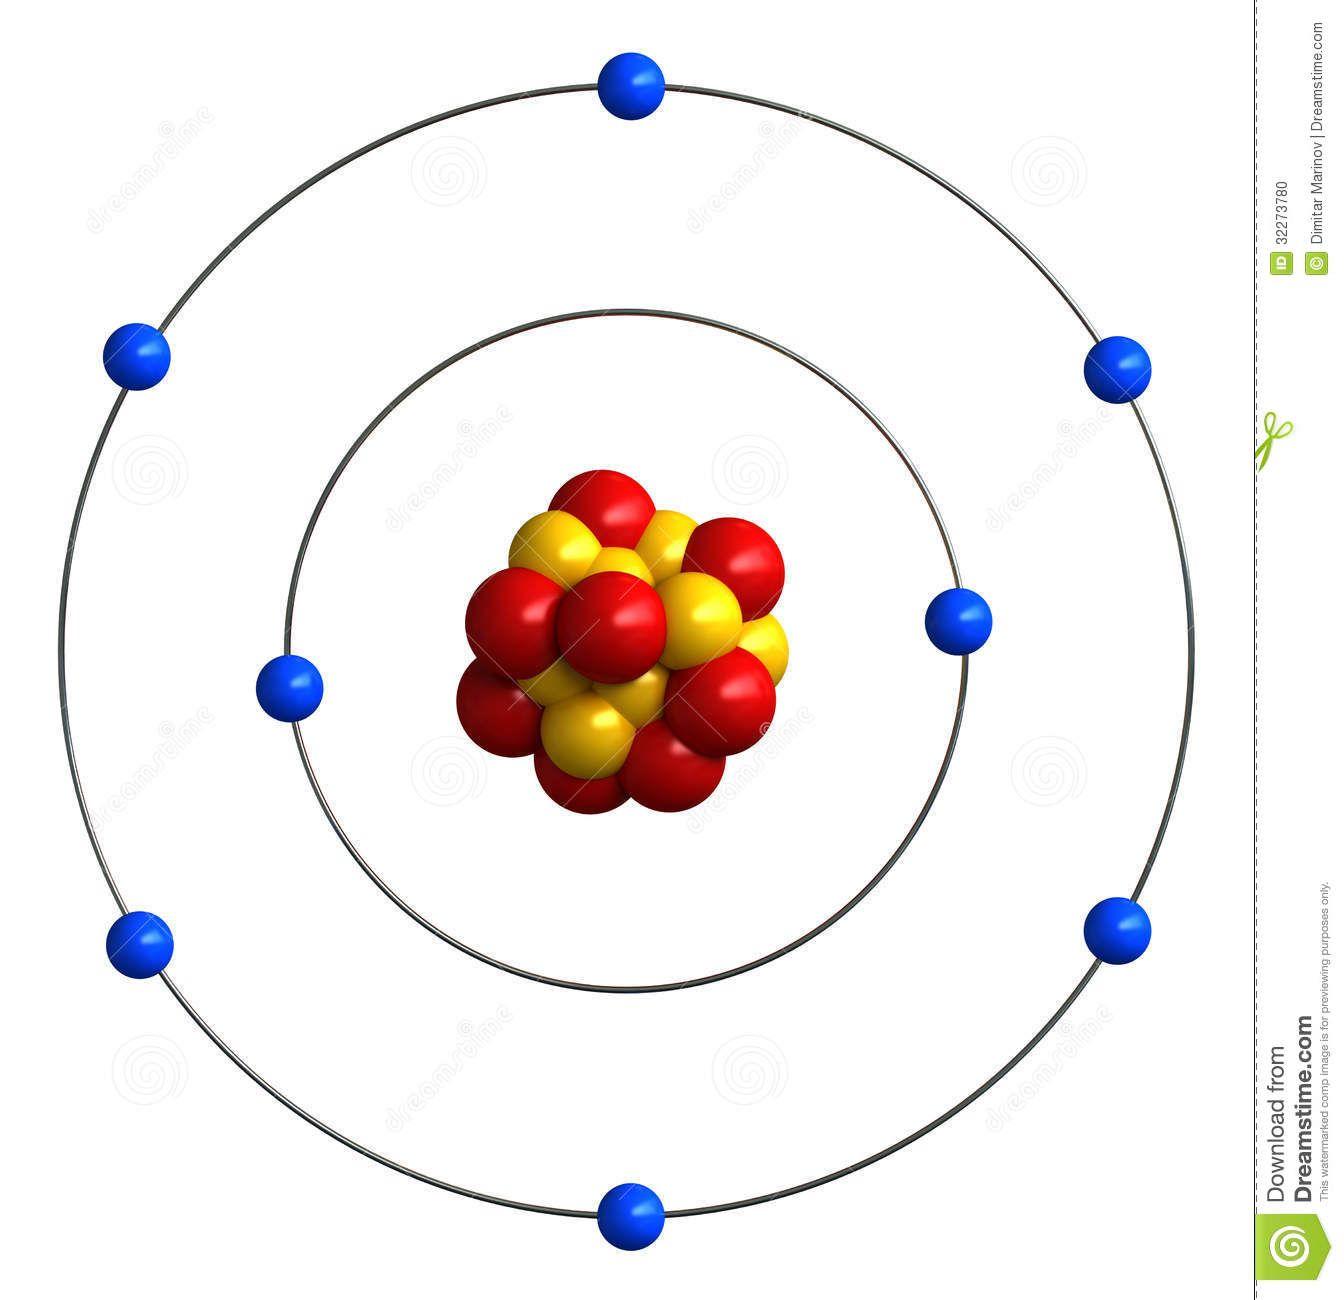 Ilustración Acerca 3d Rinden De La Estructura Atómica Del Oxígeno Ilustración De Física Molécula órbita 32 Modelo Atómico De Bohr Modelos Atomicos Química